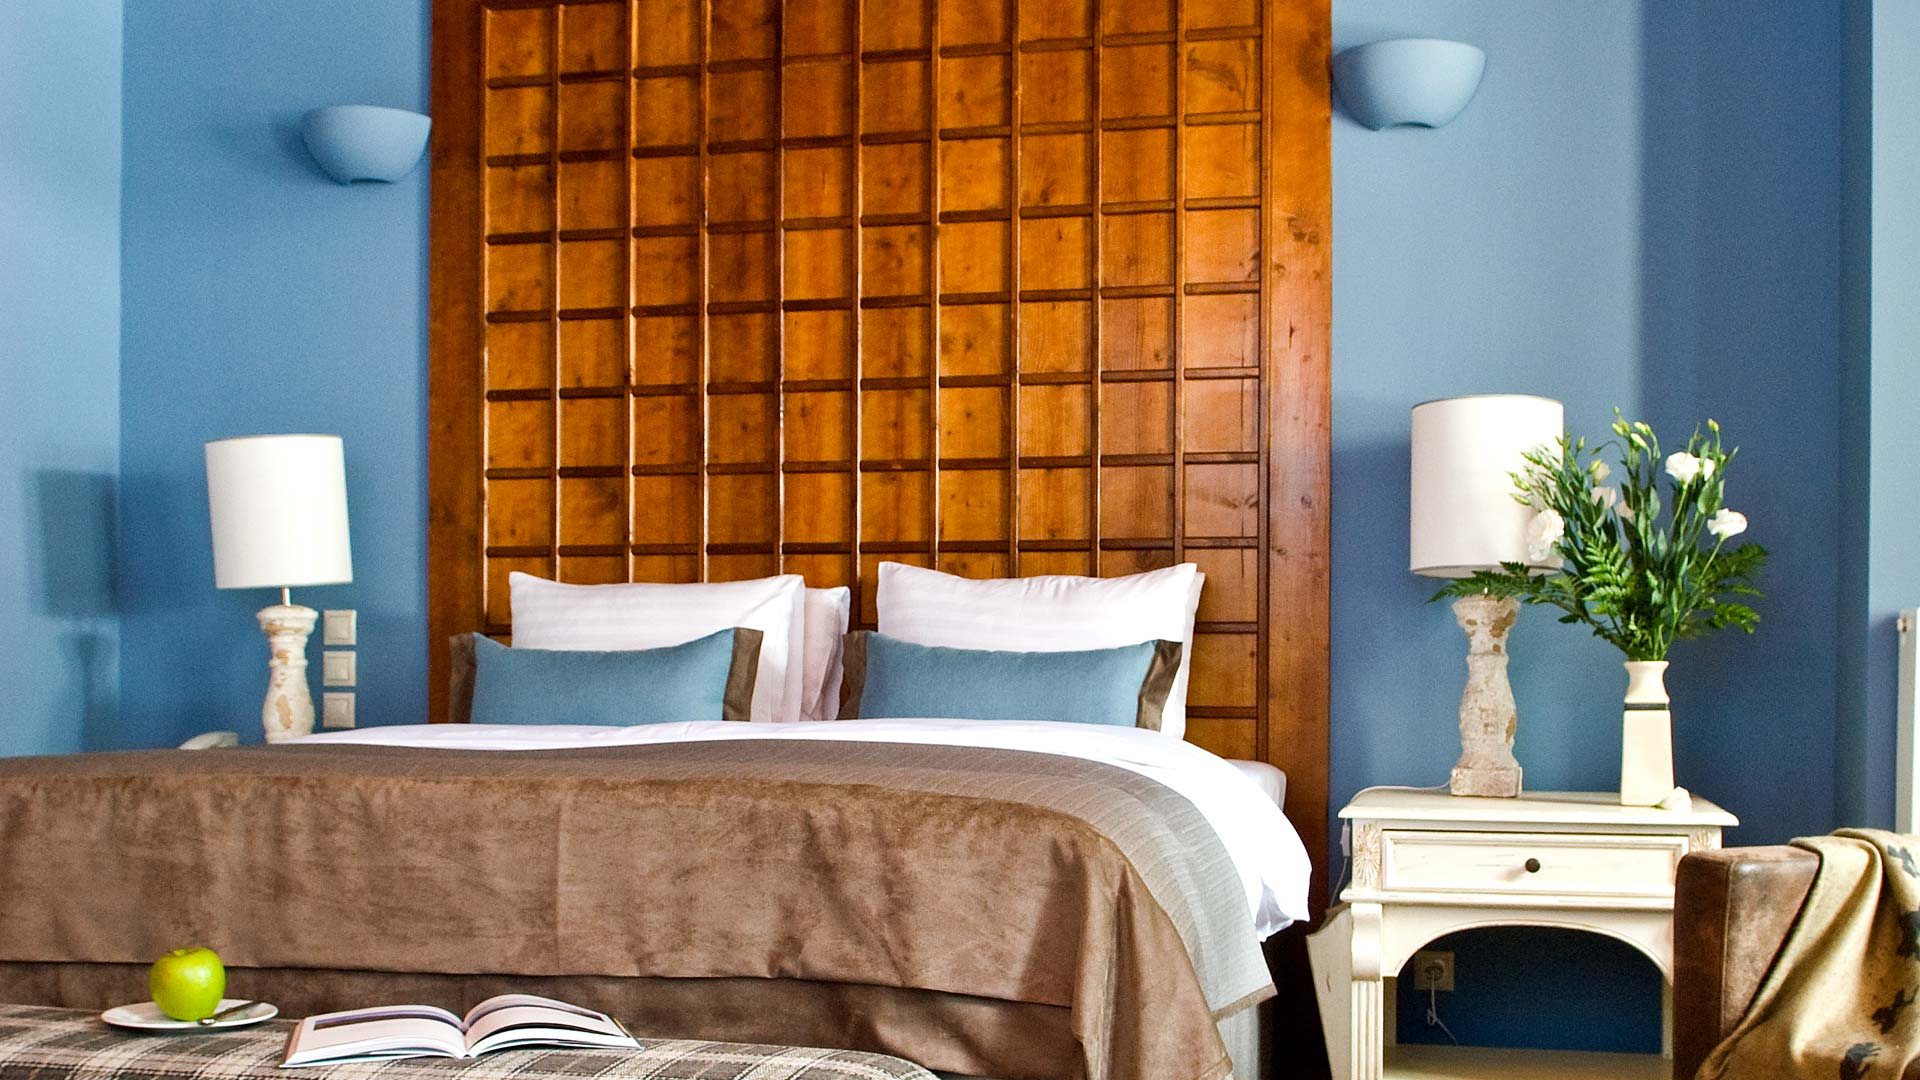 Superior δωμάτιο στο ξενοδοχείο Αρχοντικό Χατζηγάκη,Περτούλι, Ελάτη